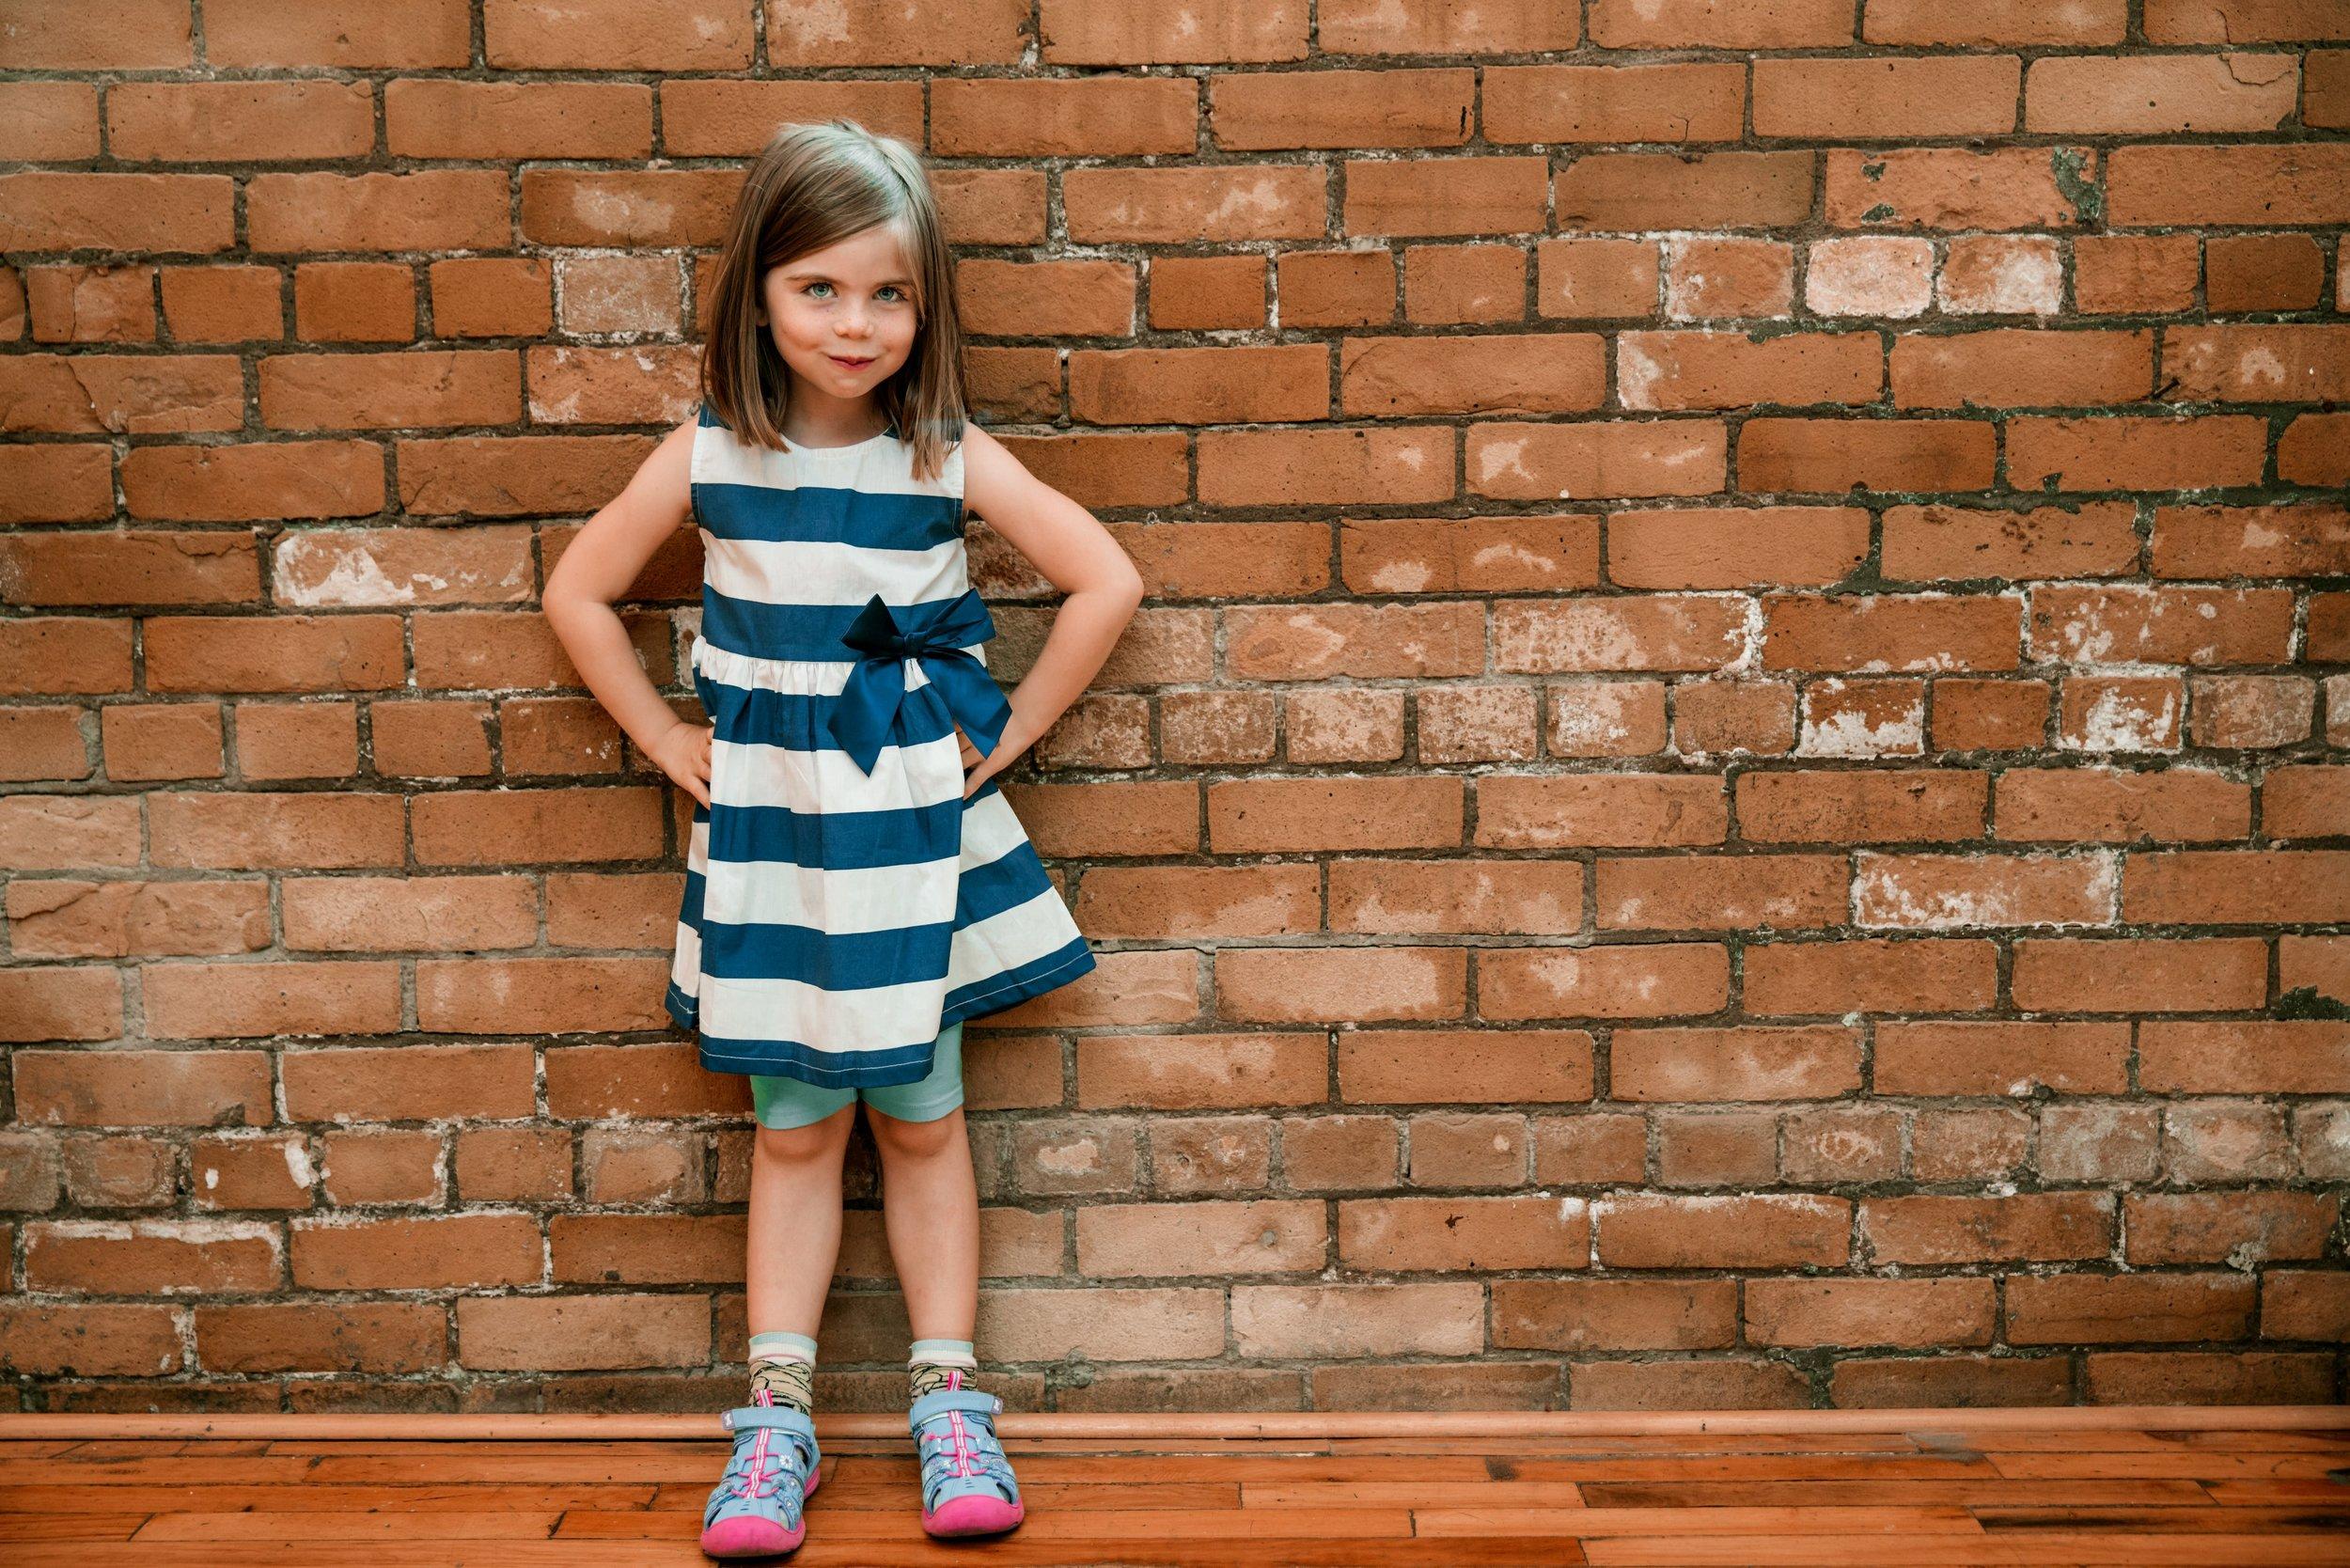 little-smiles-in-girls-fashion_4460x4460.jpg